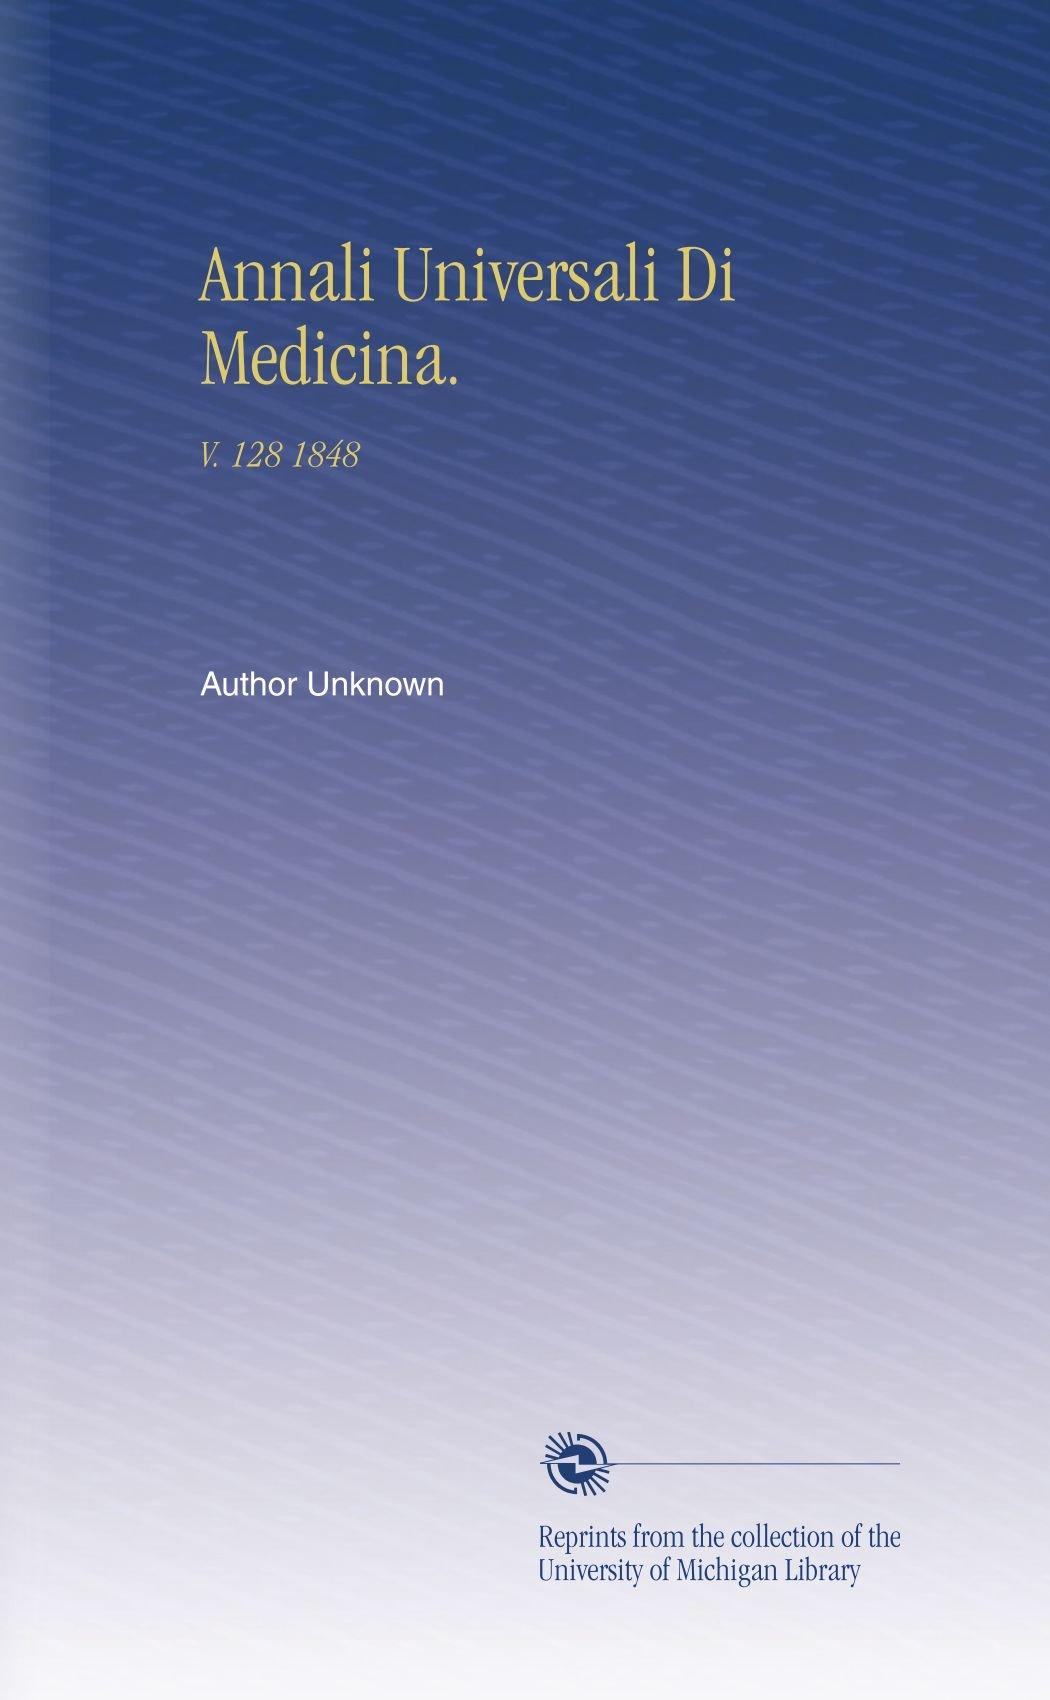 Read Online Annali Universali Di Medicina.: V. 128 1848 (Italian Edition) PDF